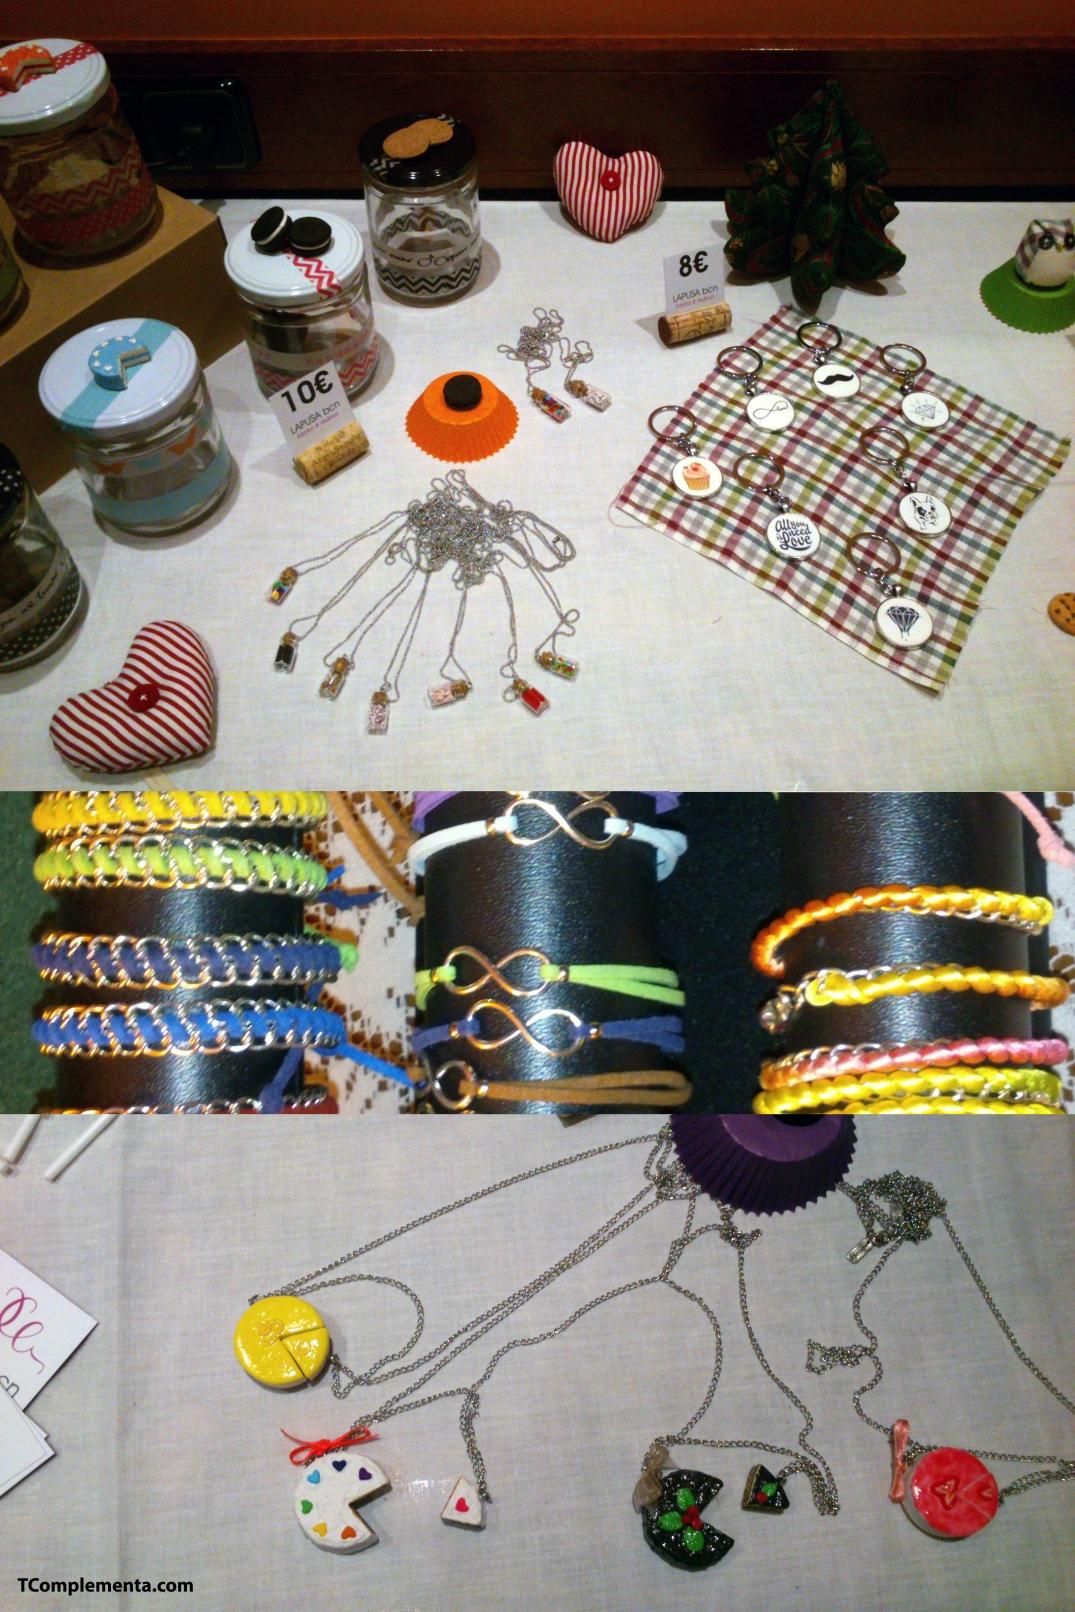 Complementos diseñados por Berta García para Lapusa BCN - Fotografía de Ismael Pérez Arana.